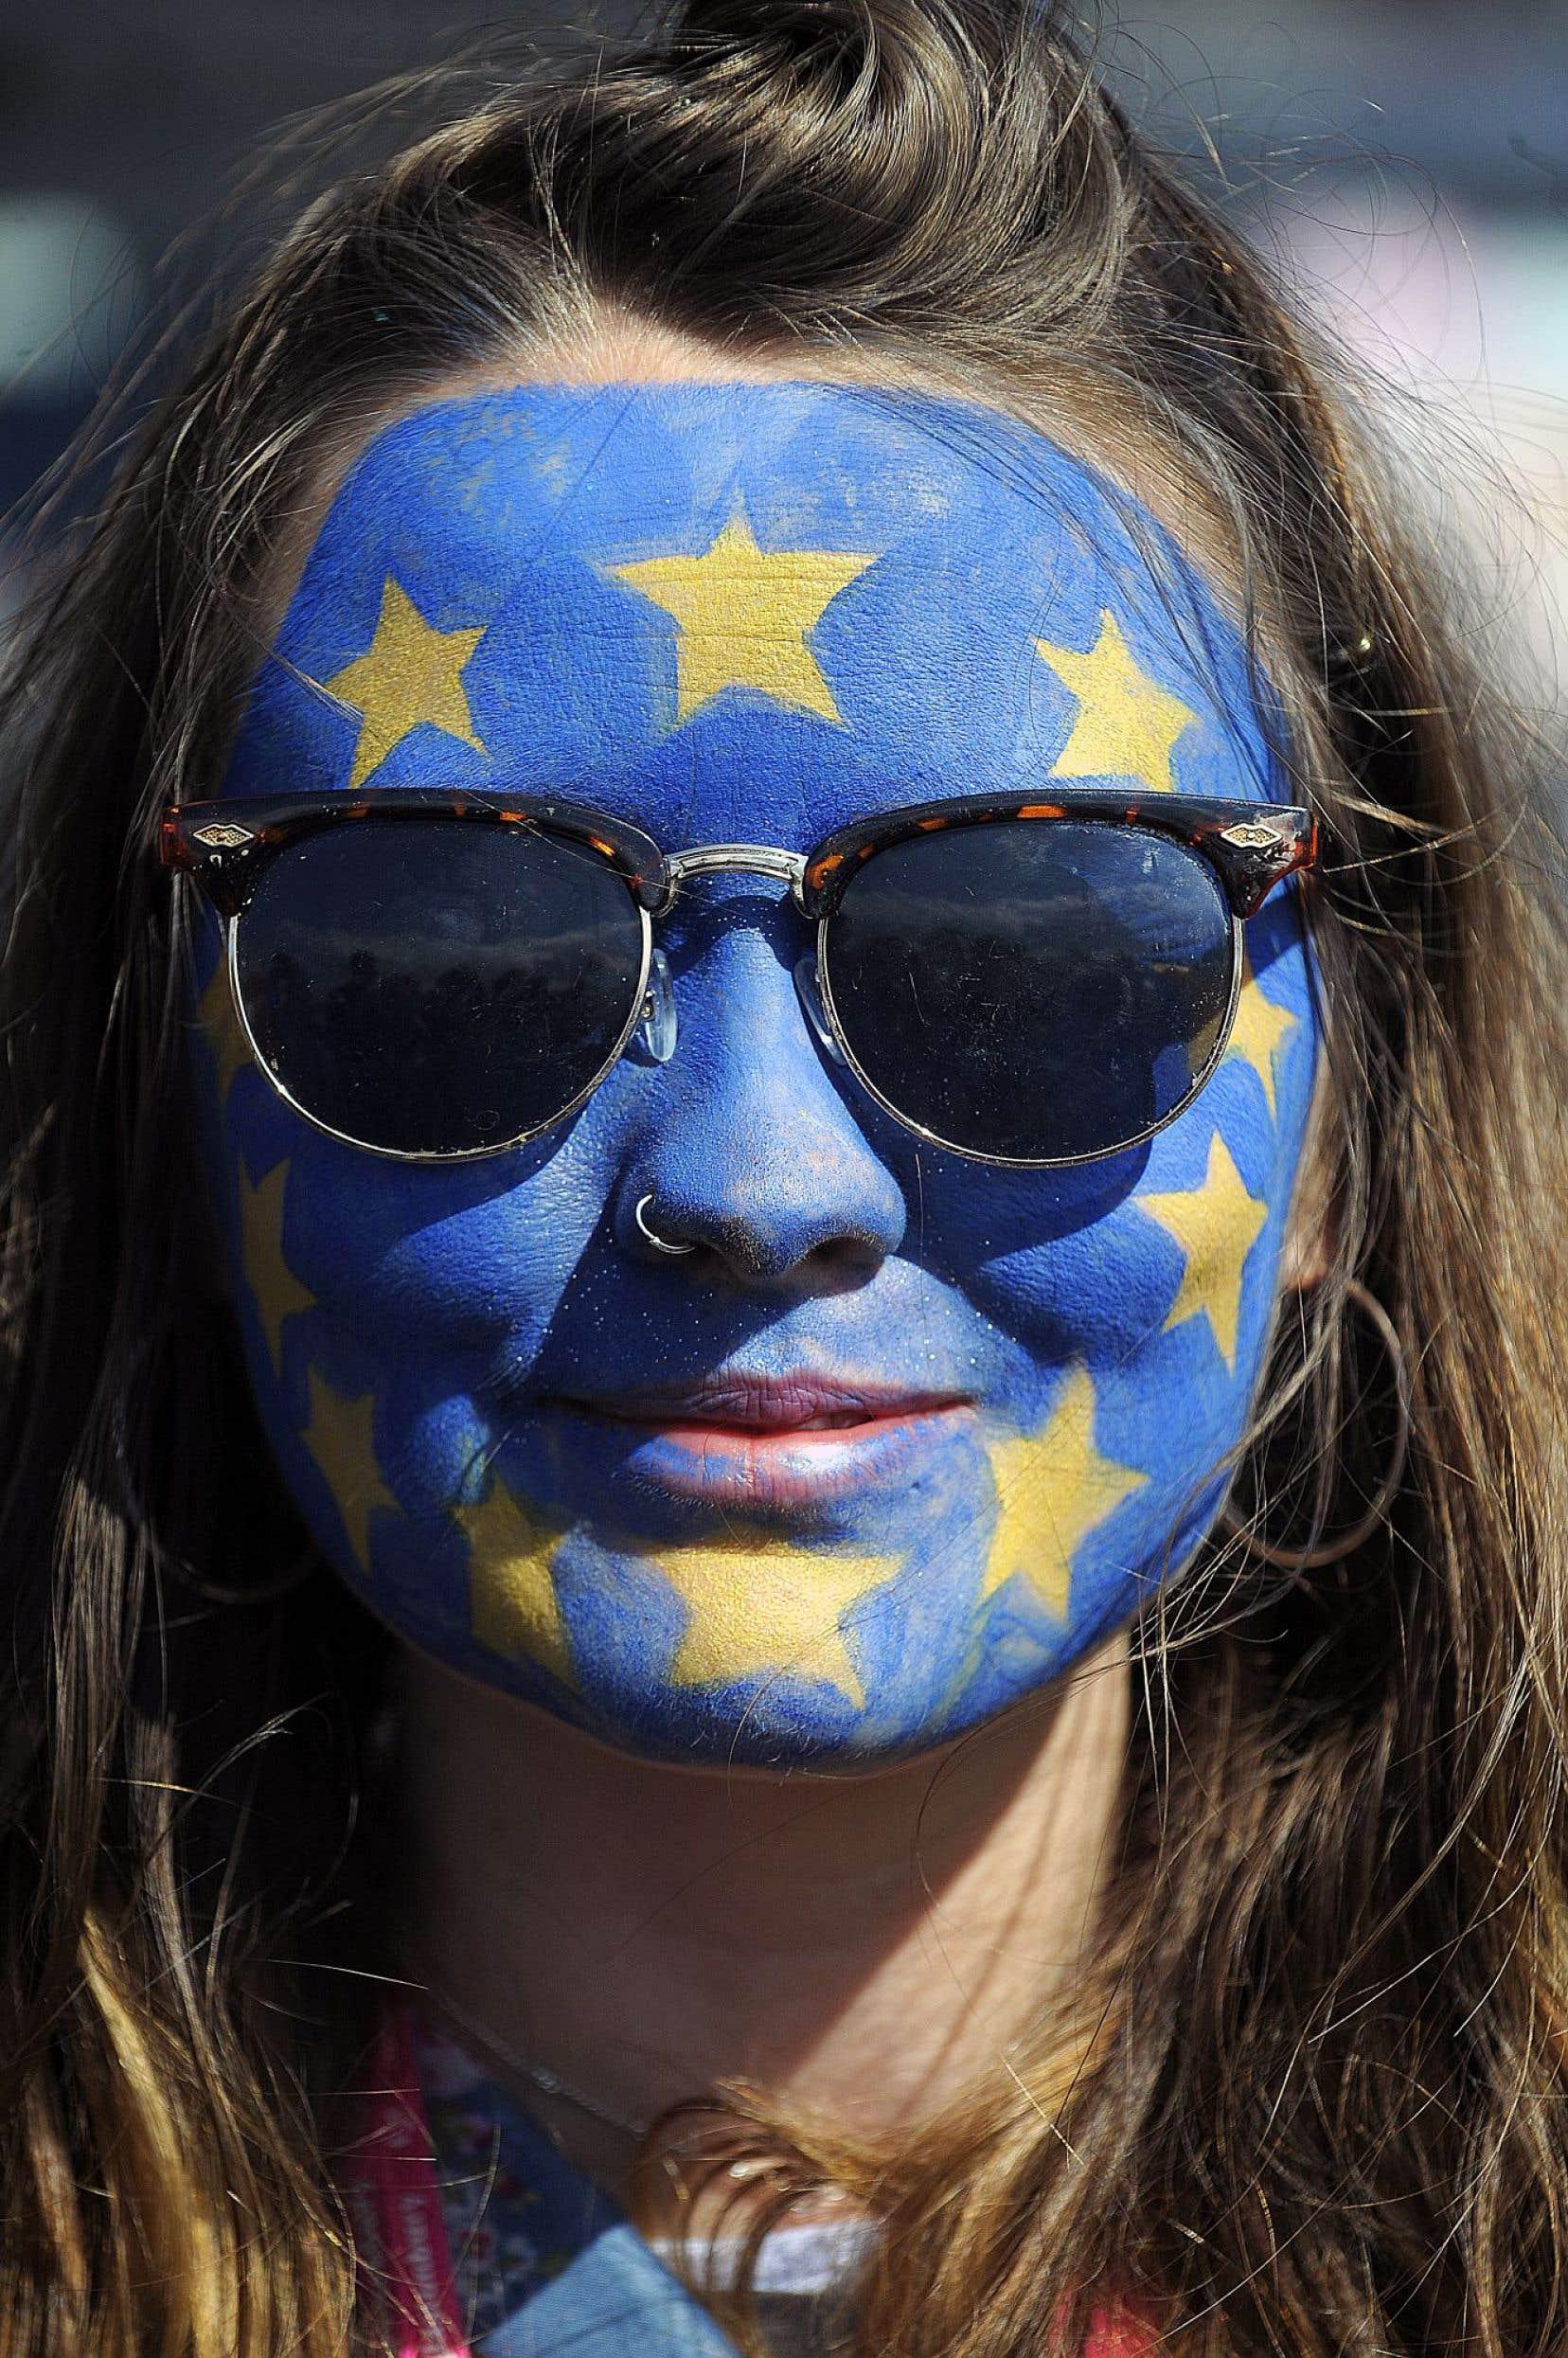 Au Festival de musique de Glastonbury, des festivaliers ont affiché leurs couleurs, entre autres pour le Remain dans l'Union européenne.